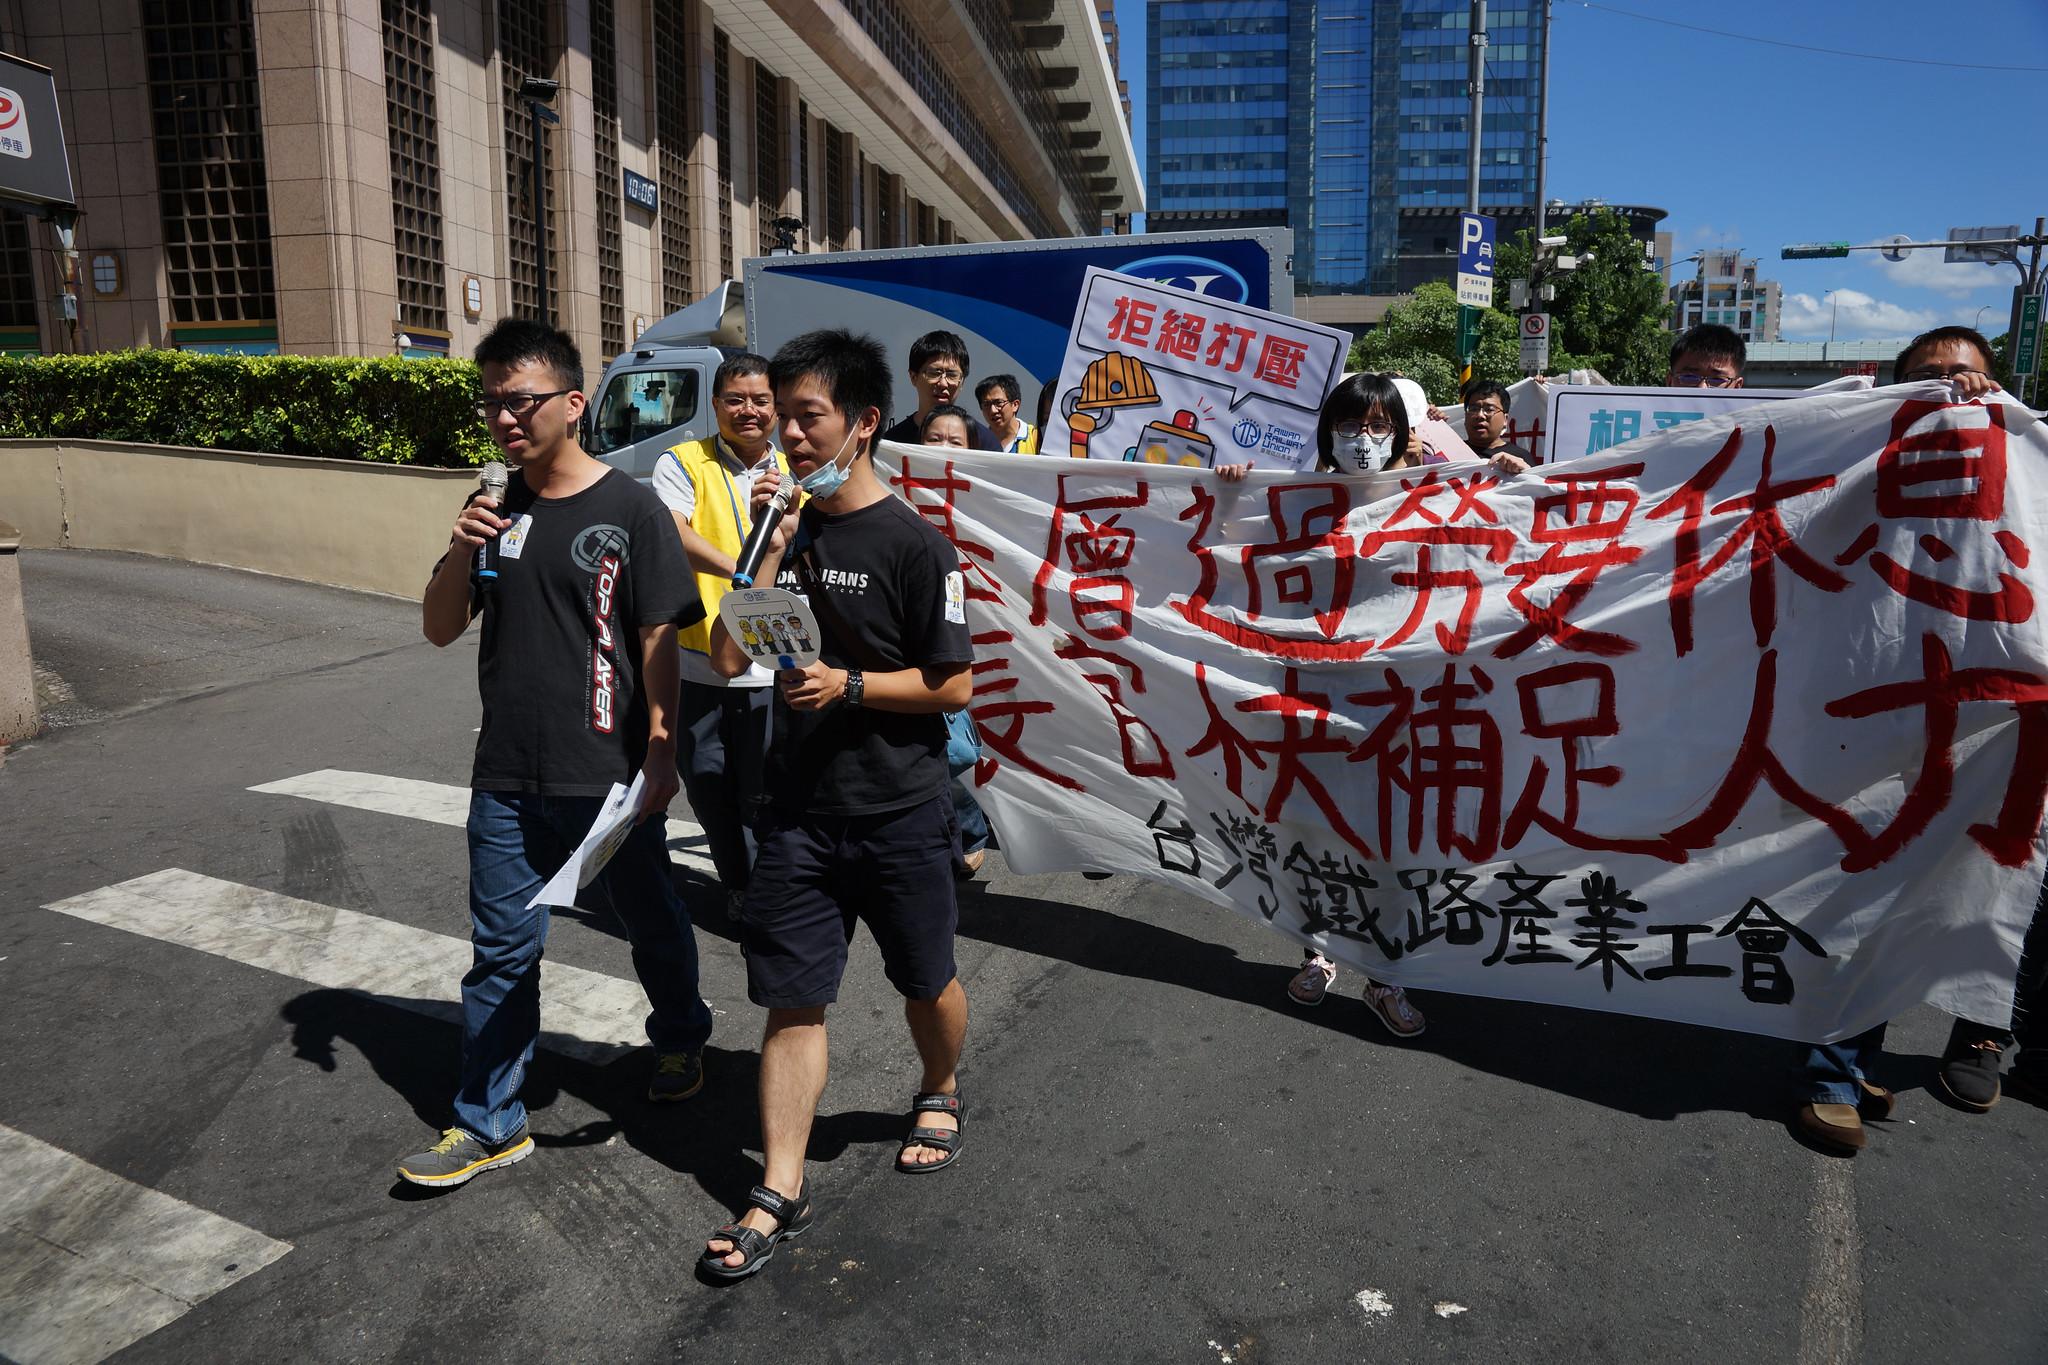 工會上午從台北車站步行轉往行政院抗議,沿途高唱經過改編的《勞動者戰歌》。(攝影:王顥中)